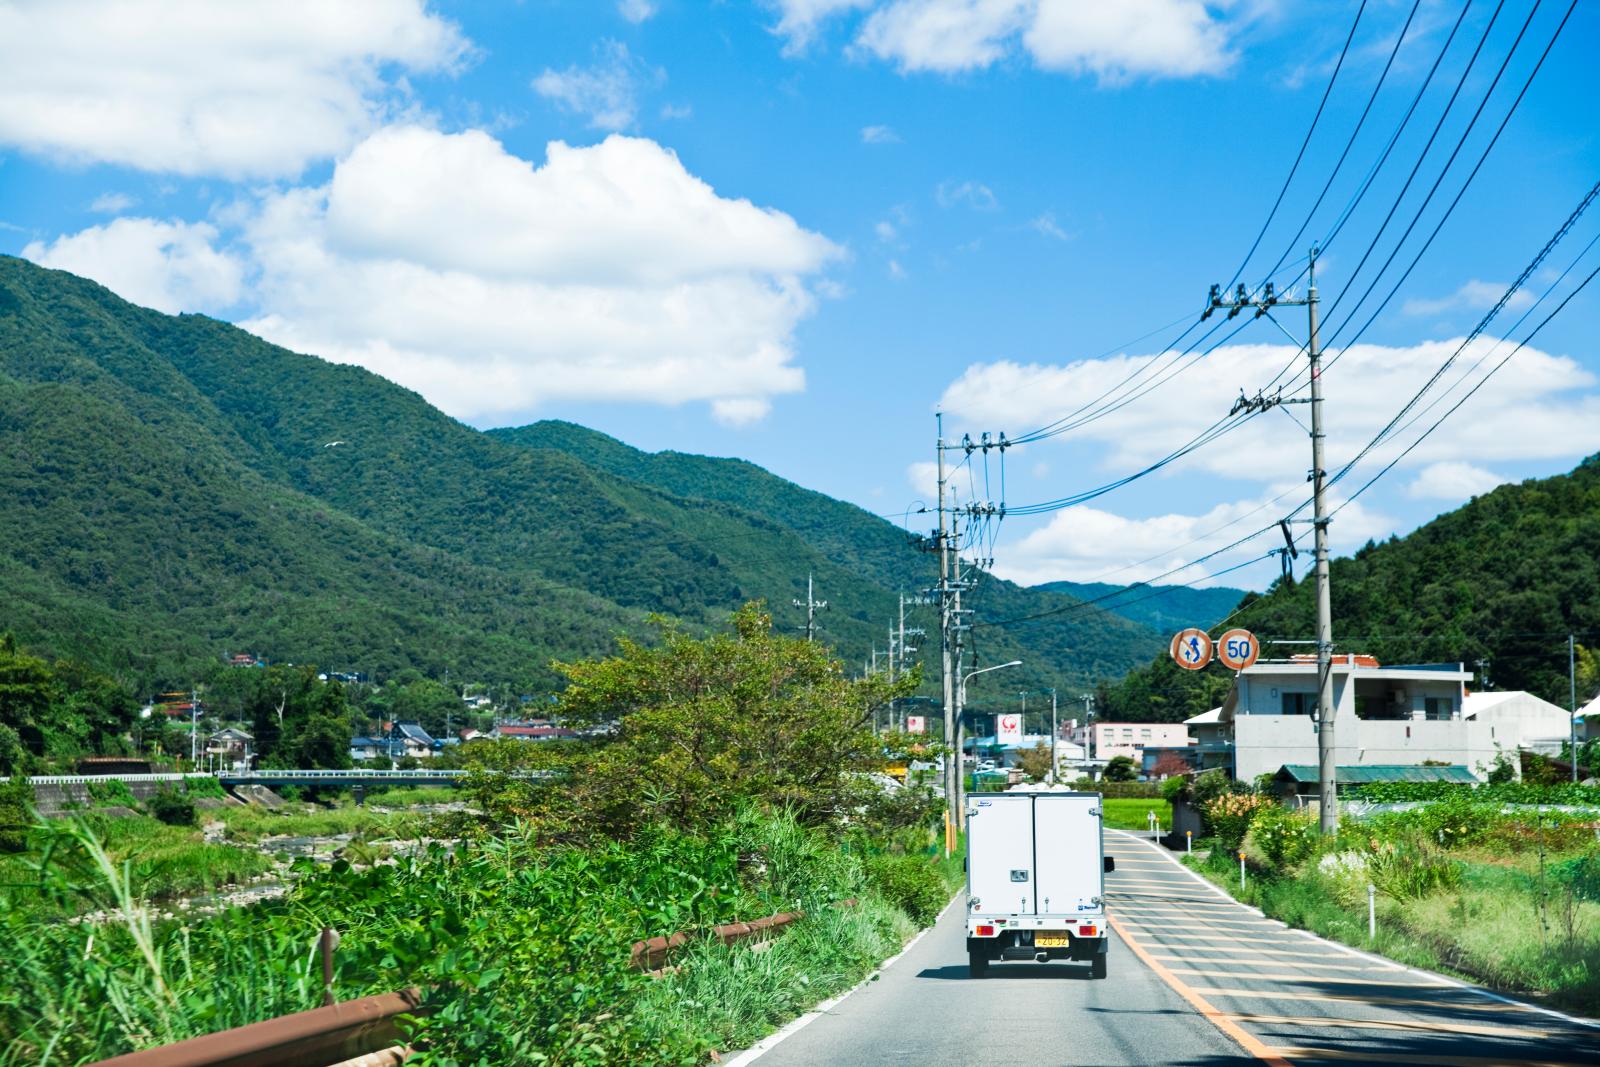 ジビエを仕入れるべく、解体処理場がある東広島市へ向け車を走らせる。30分ほど走ると、景色は山ばかりに。